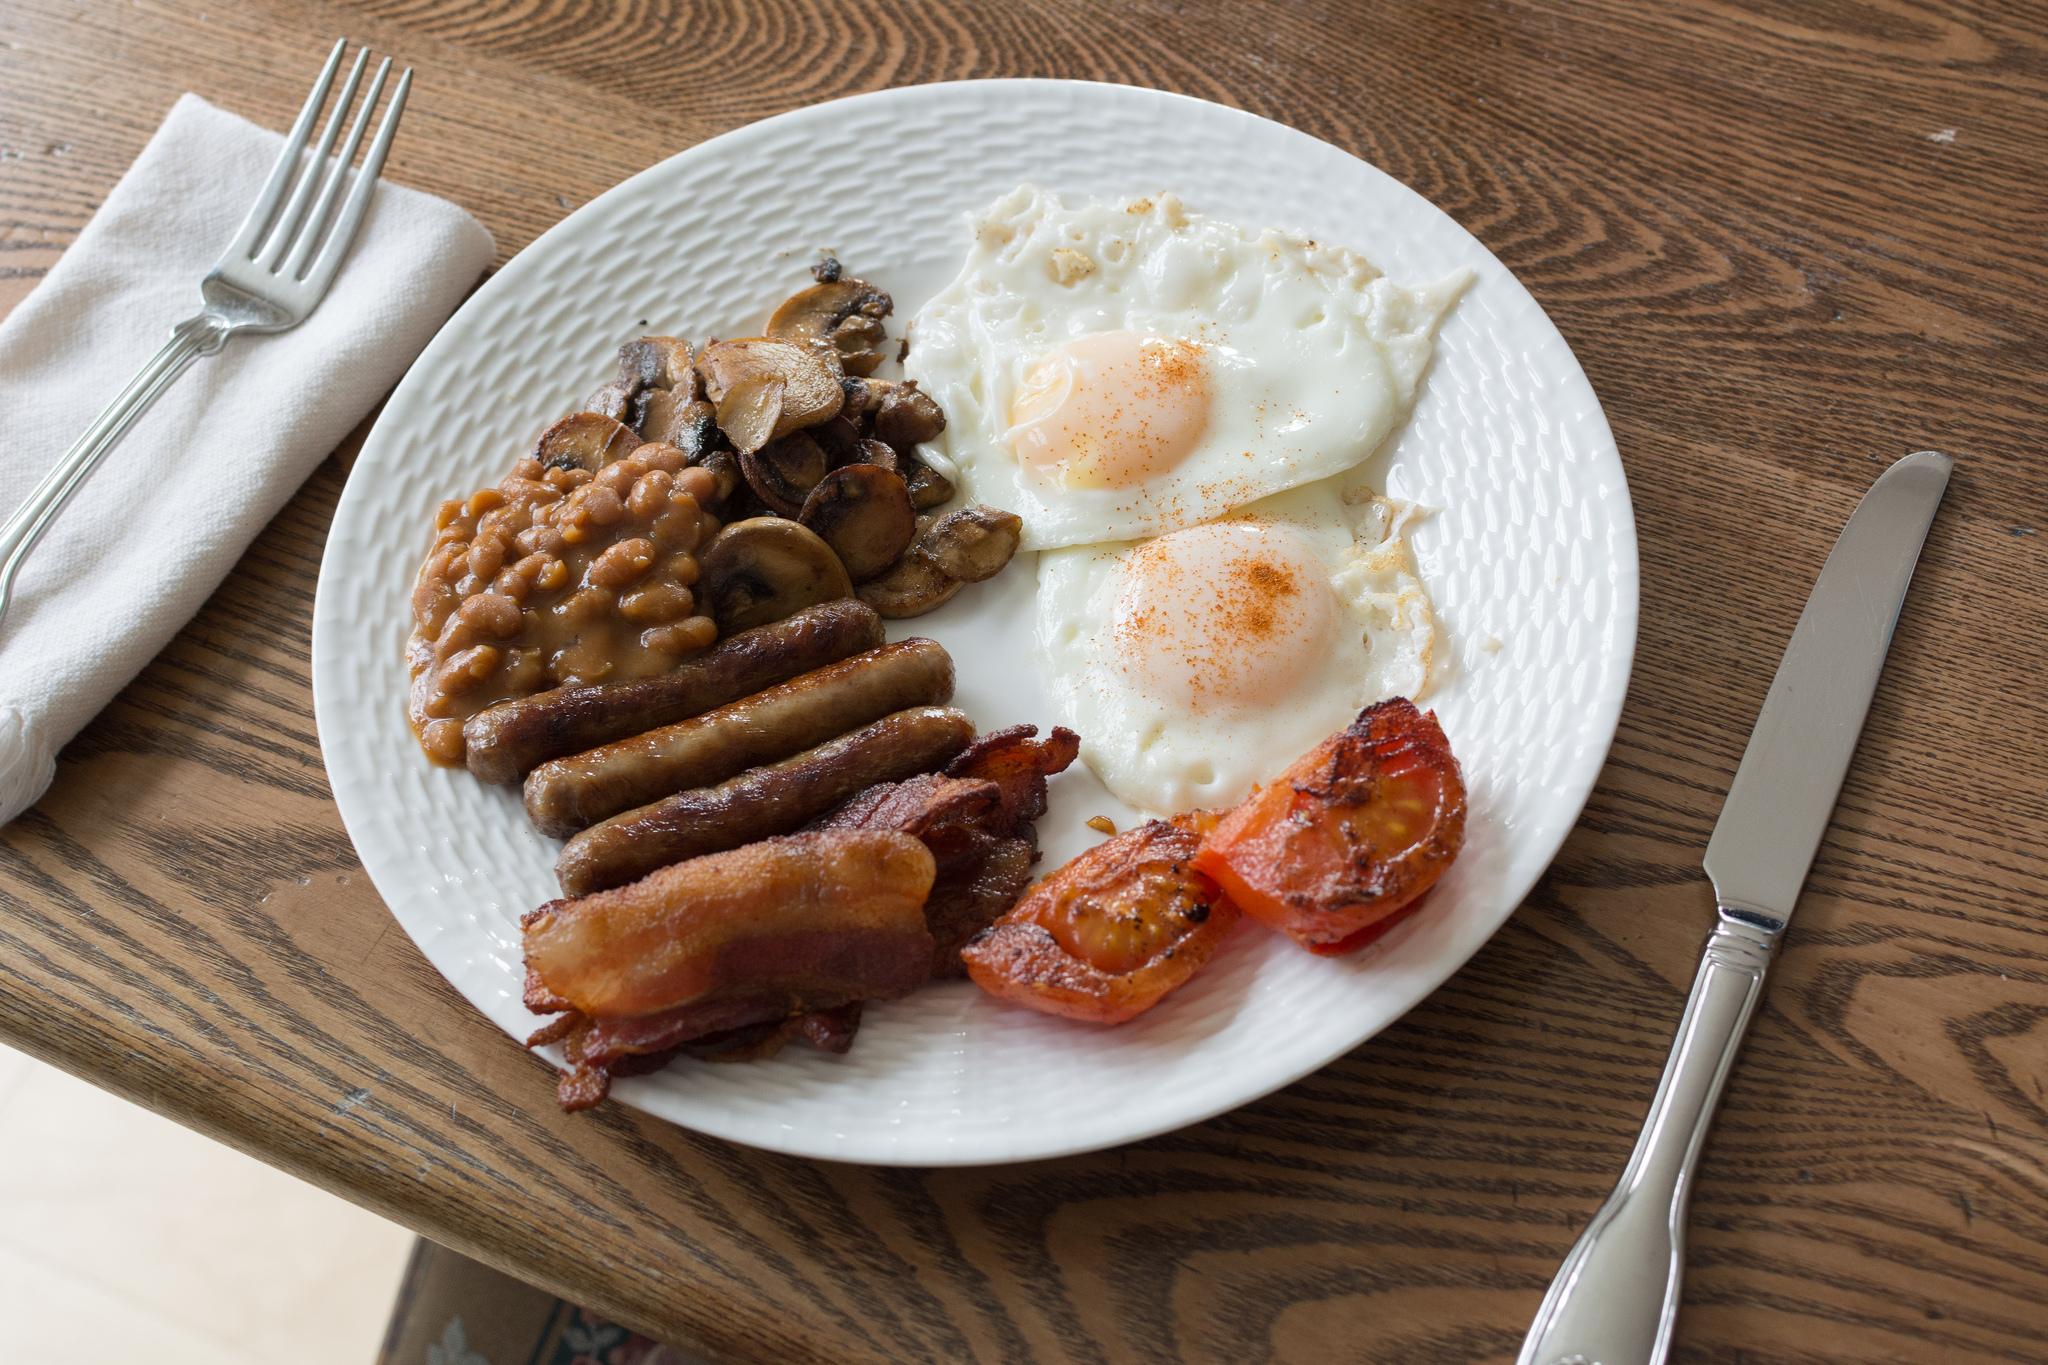 Їжа в британії фото 3 фотография